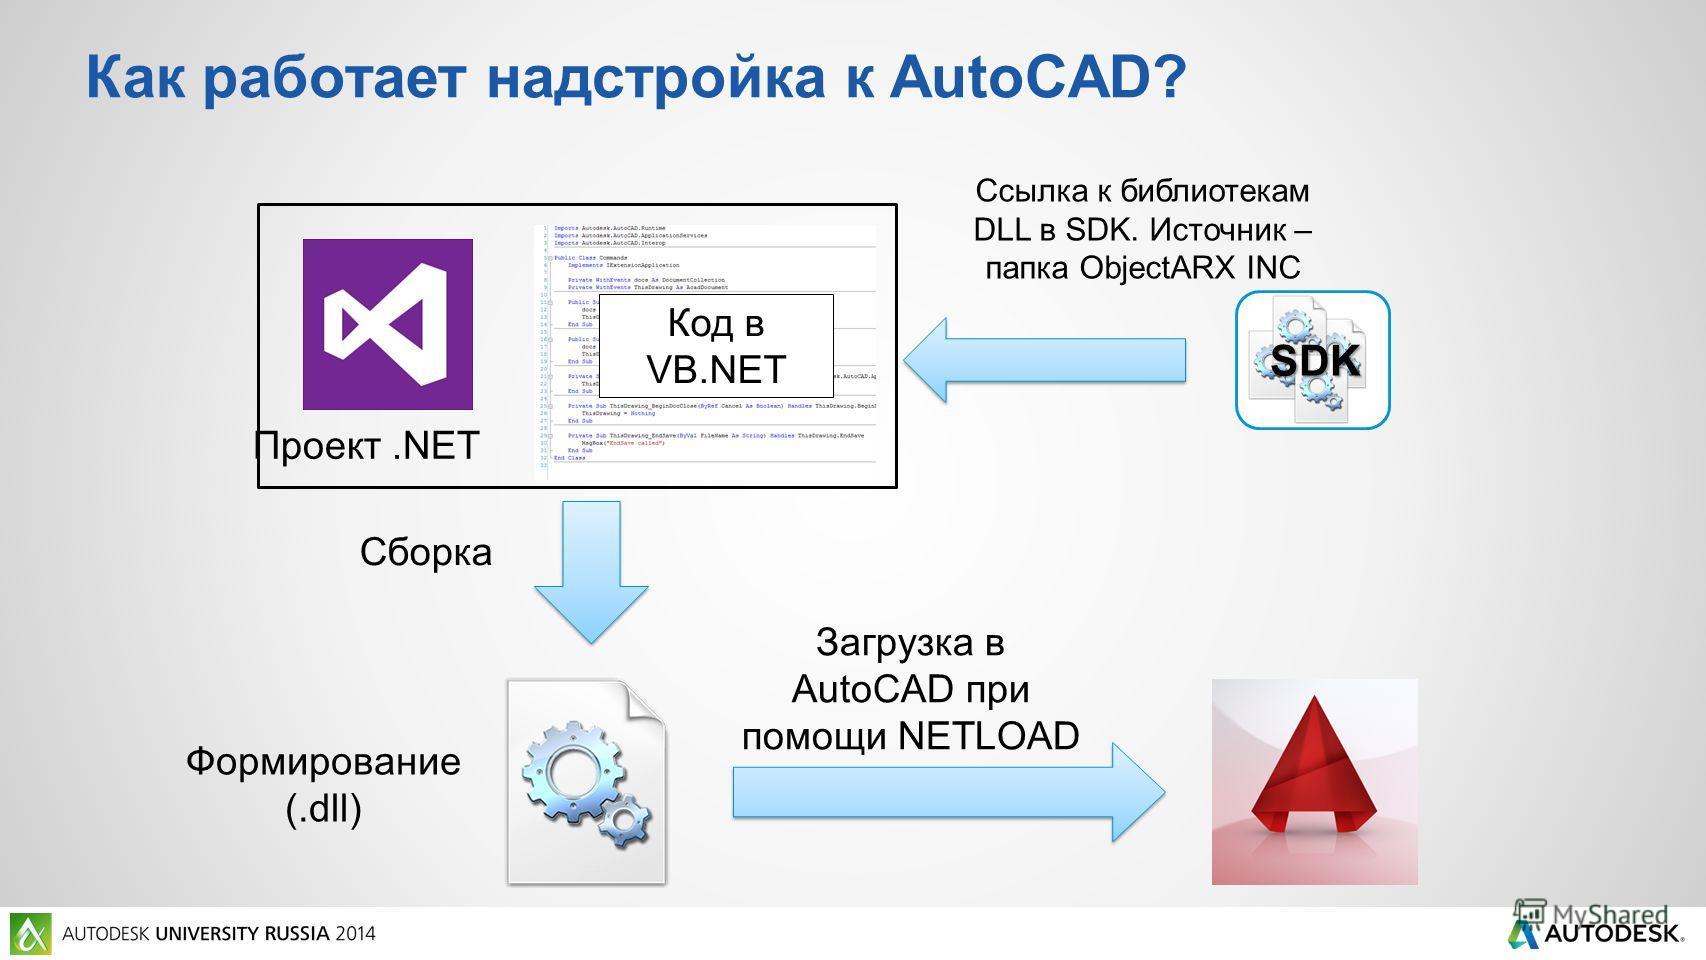 Как работает надстройка к AutoCAD? Формирование (.dll) Сборка Код в VB.NET Загрузка в AutoCAD при помощи NETLOAD Ссылка к библиотекам DLL в SDK. Источник – папка ObjectARX INC Проект.NET SDK